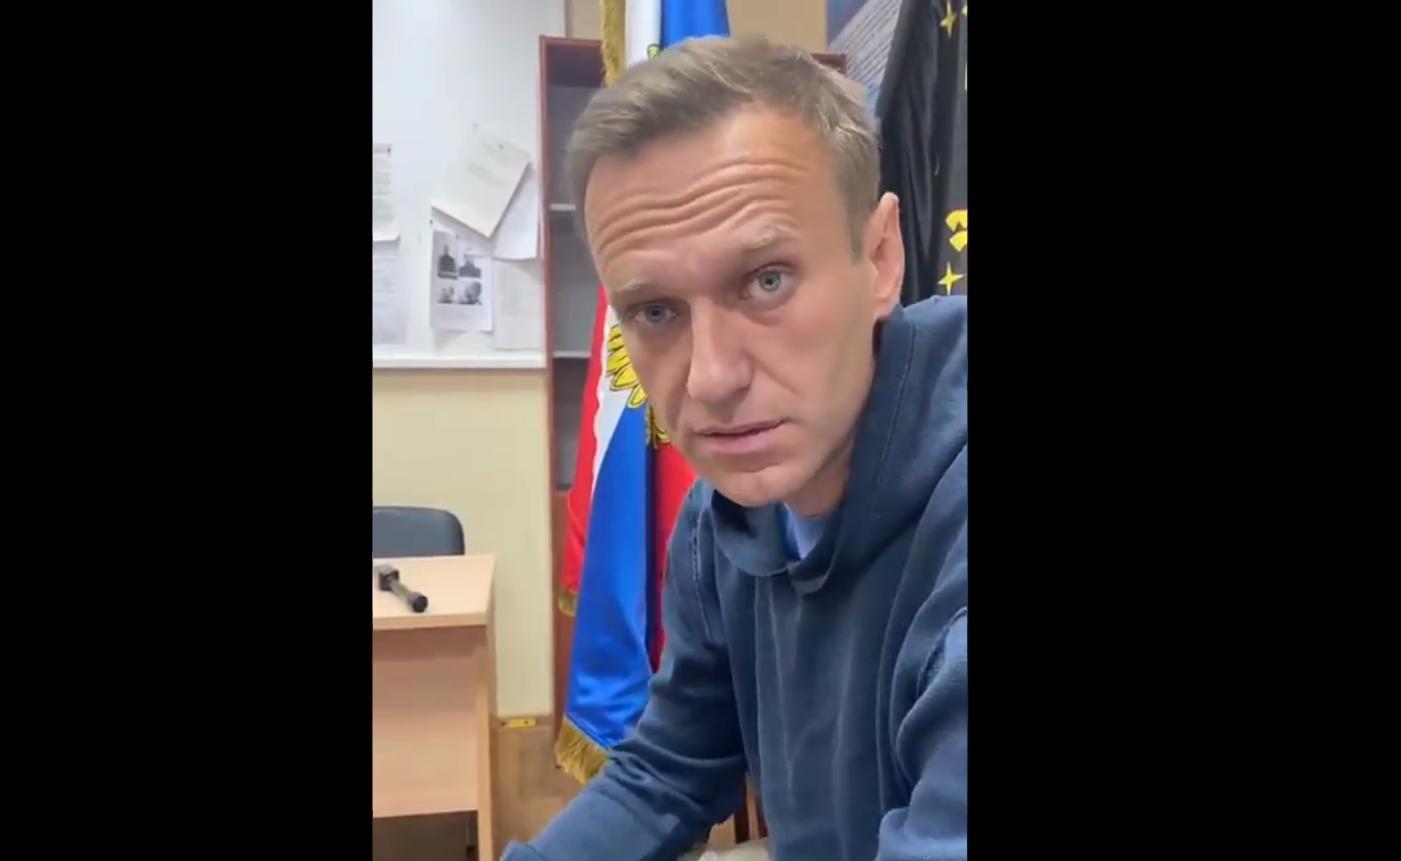 """Навальный рассказал, что с ним сделали после задержания в аэропорту: """"Дед в бункере сильно боится"""""""